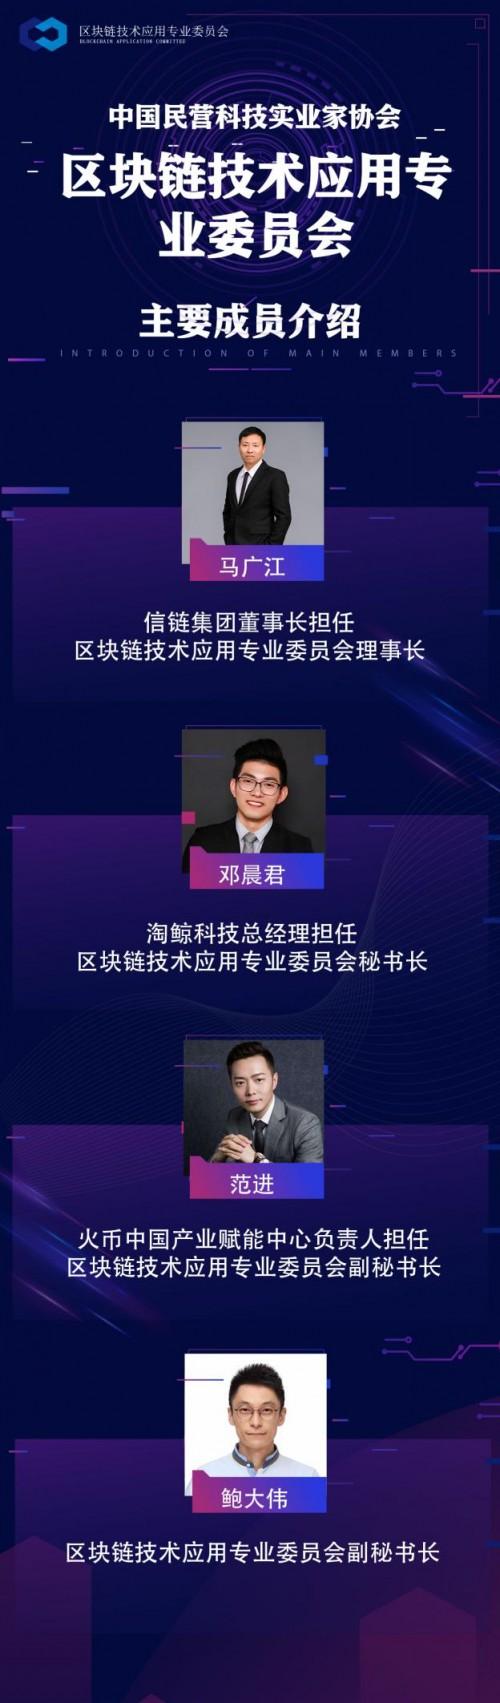 中国民协打造区块链技术应用专委会 推动技术先行辅助行业落地